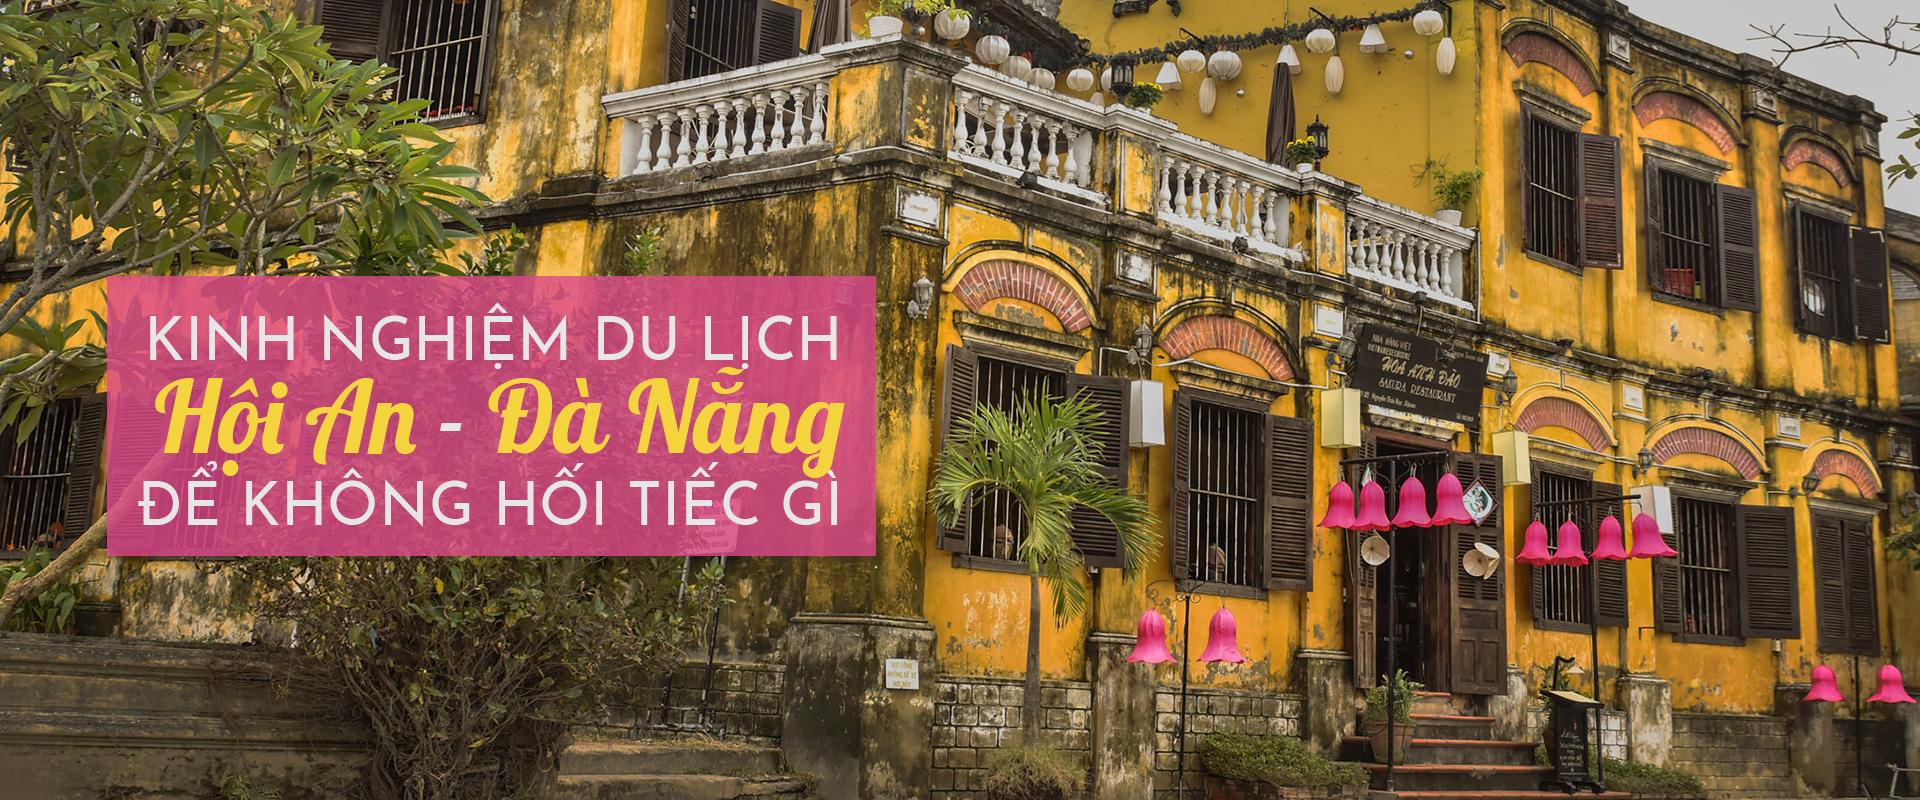 Kinh nghiệm du lịch Hội An Đà Nẵng không hối tiếc